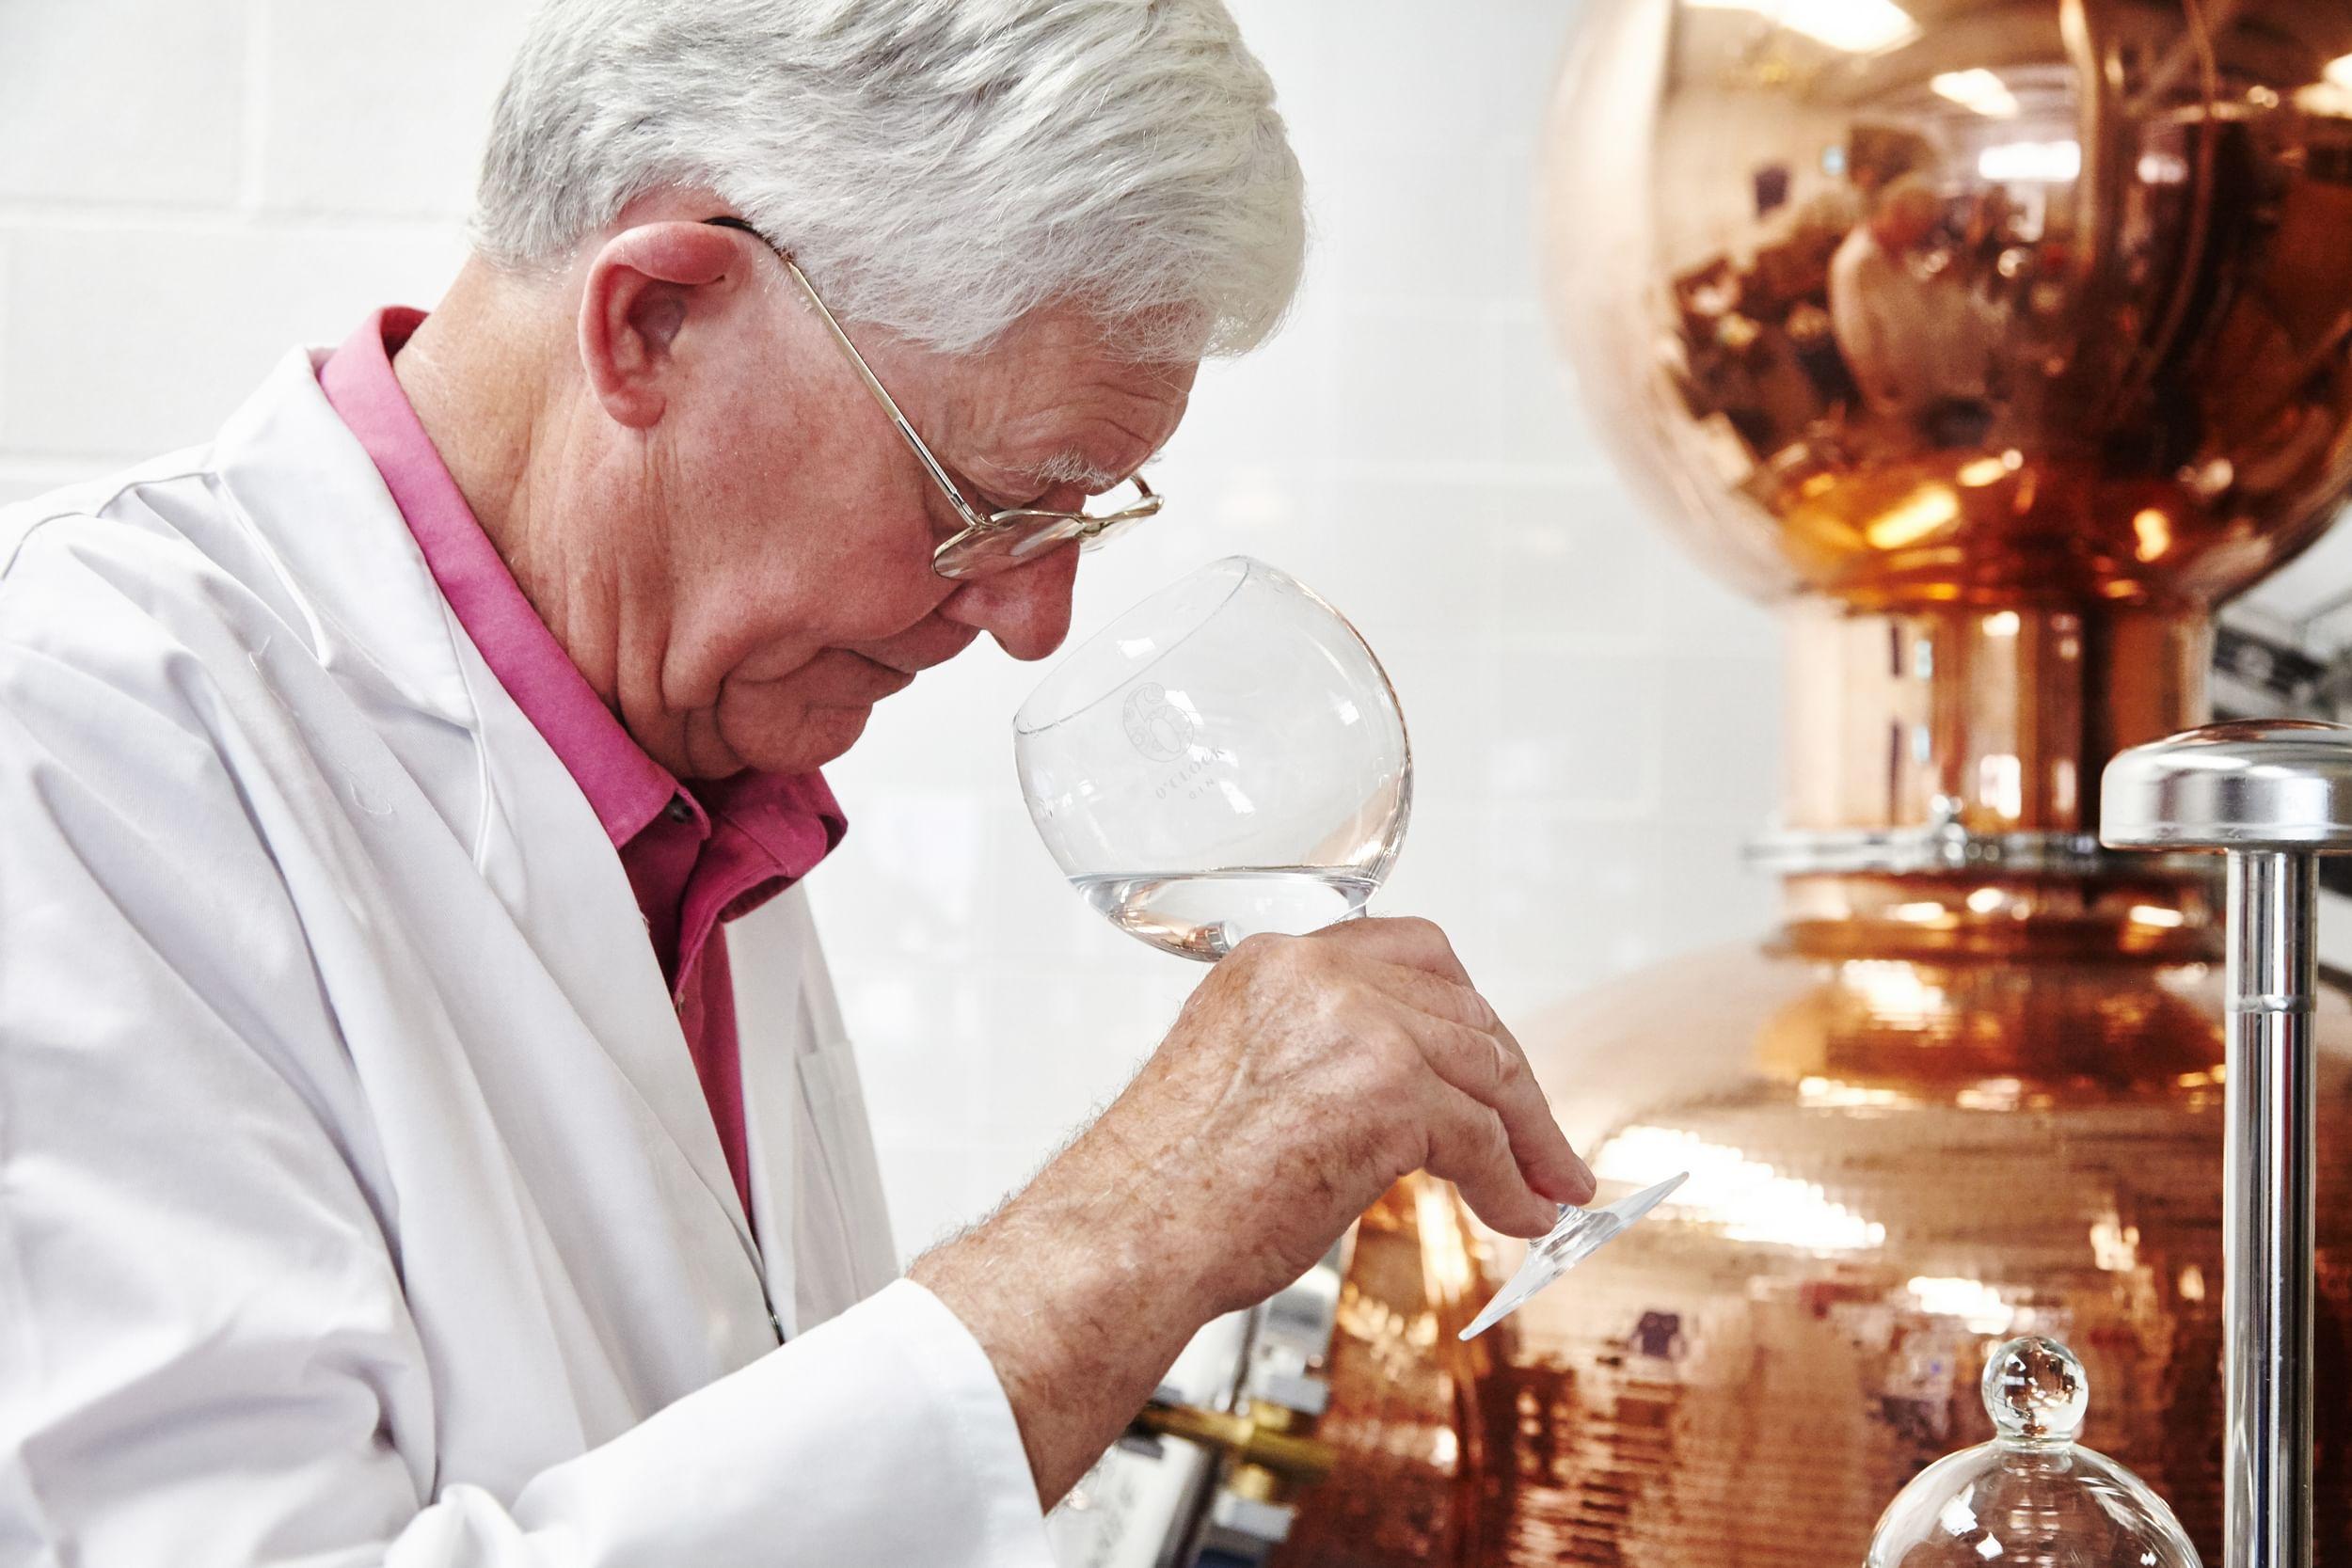 Man taste testing gin